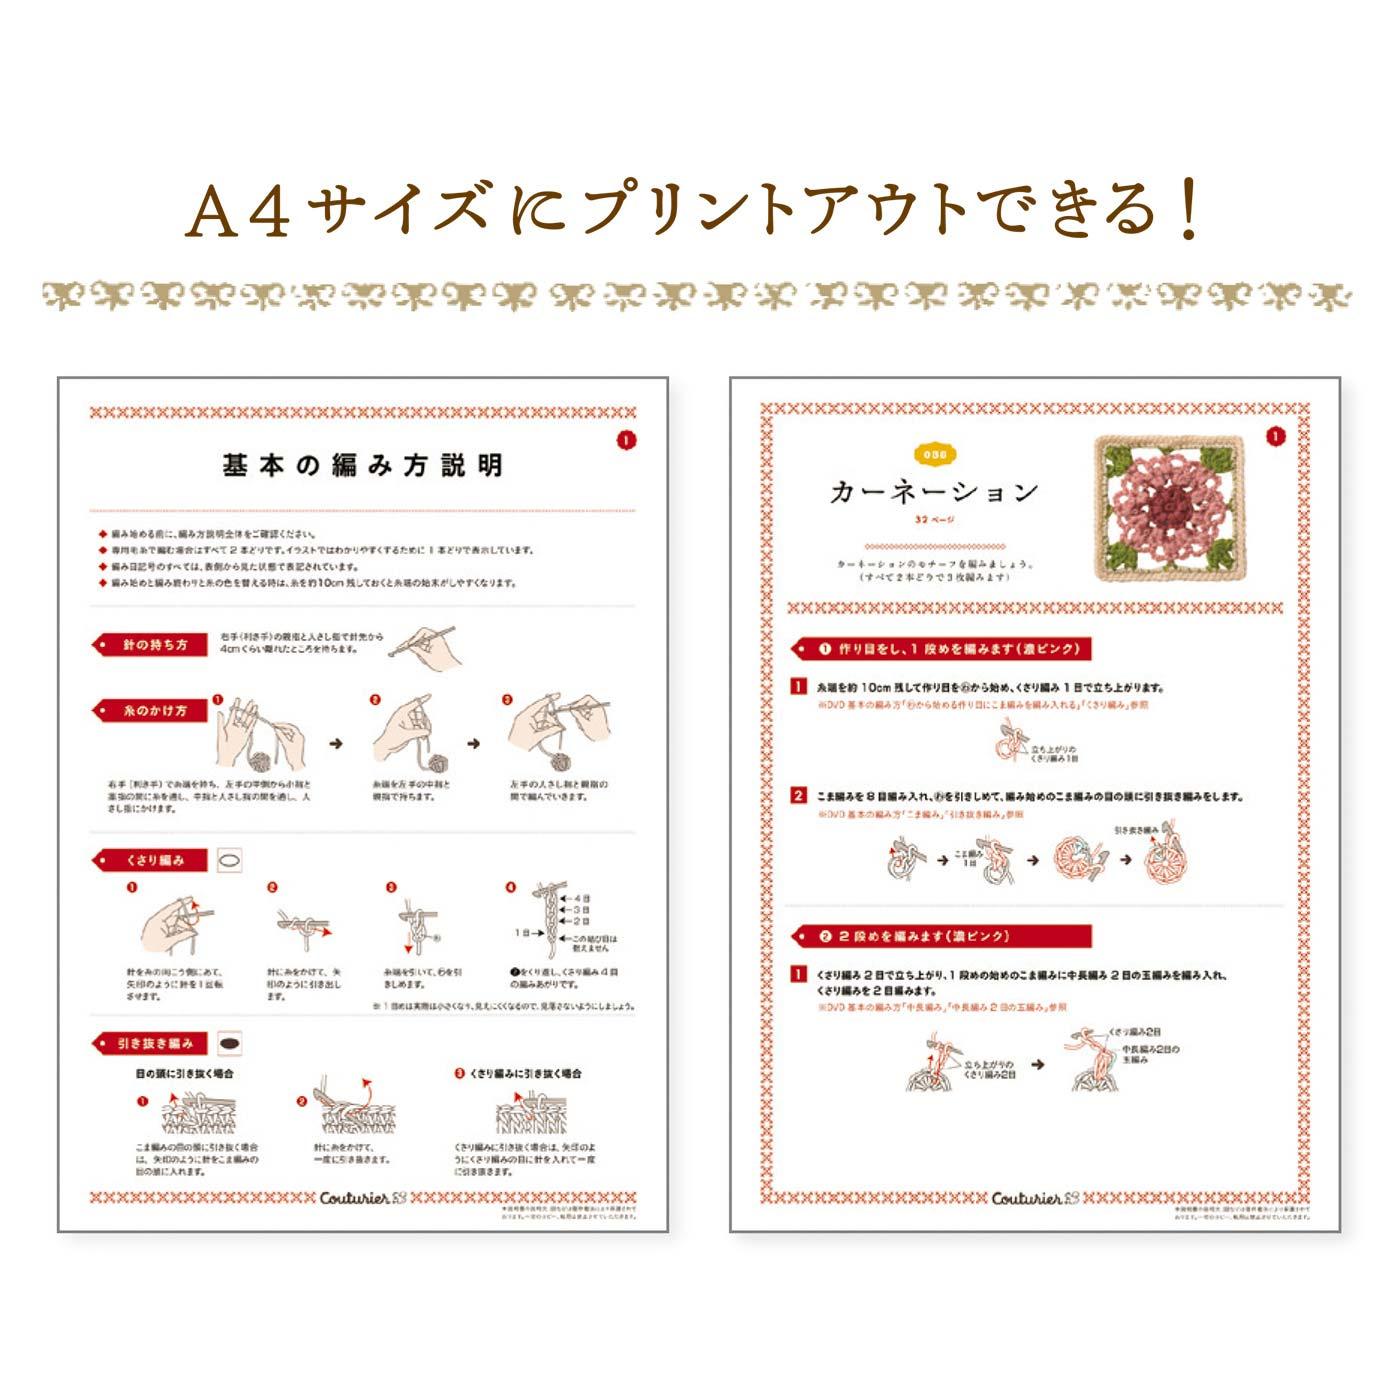 全モチーフの詳しい編み方説明書を収めたDVD付き。かぎ針編みの基本的な編み方も収録。